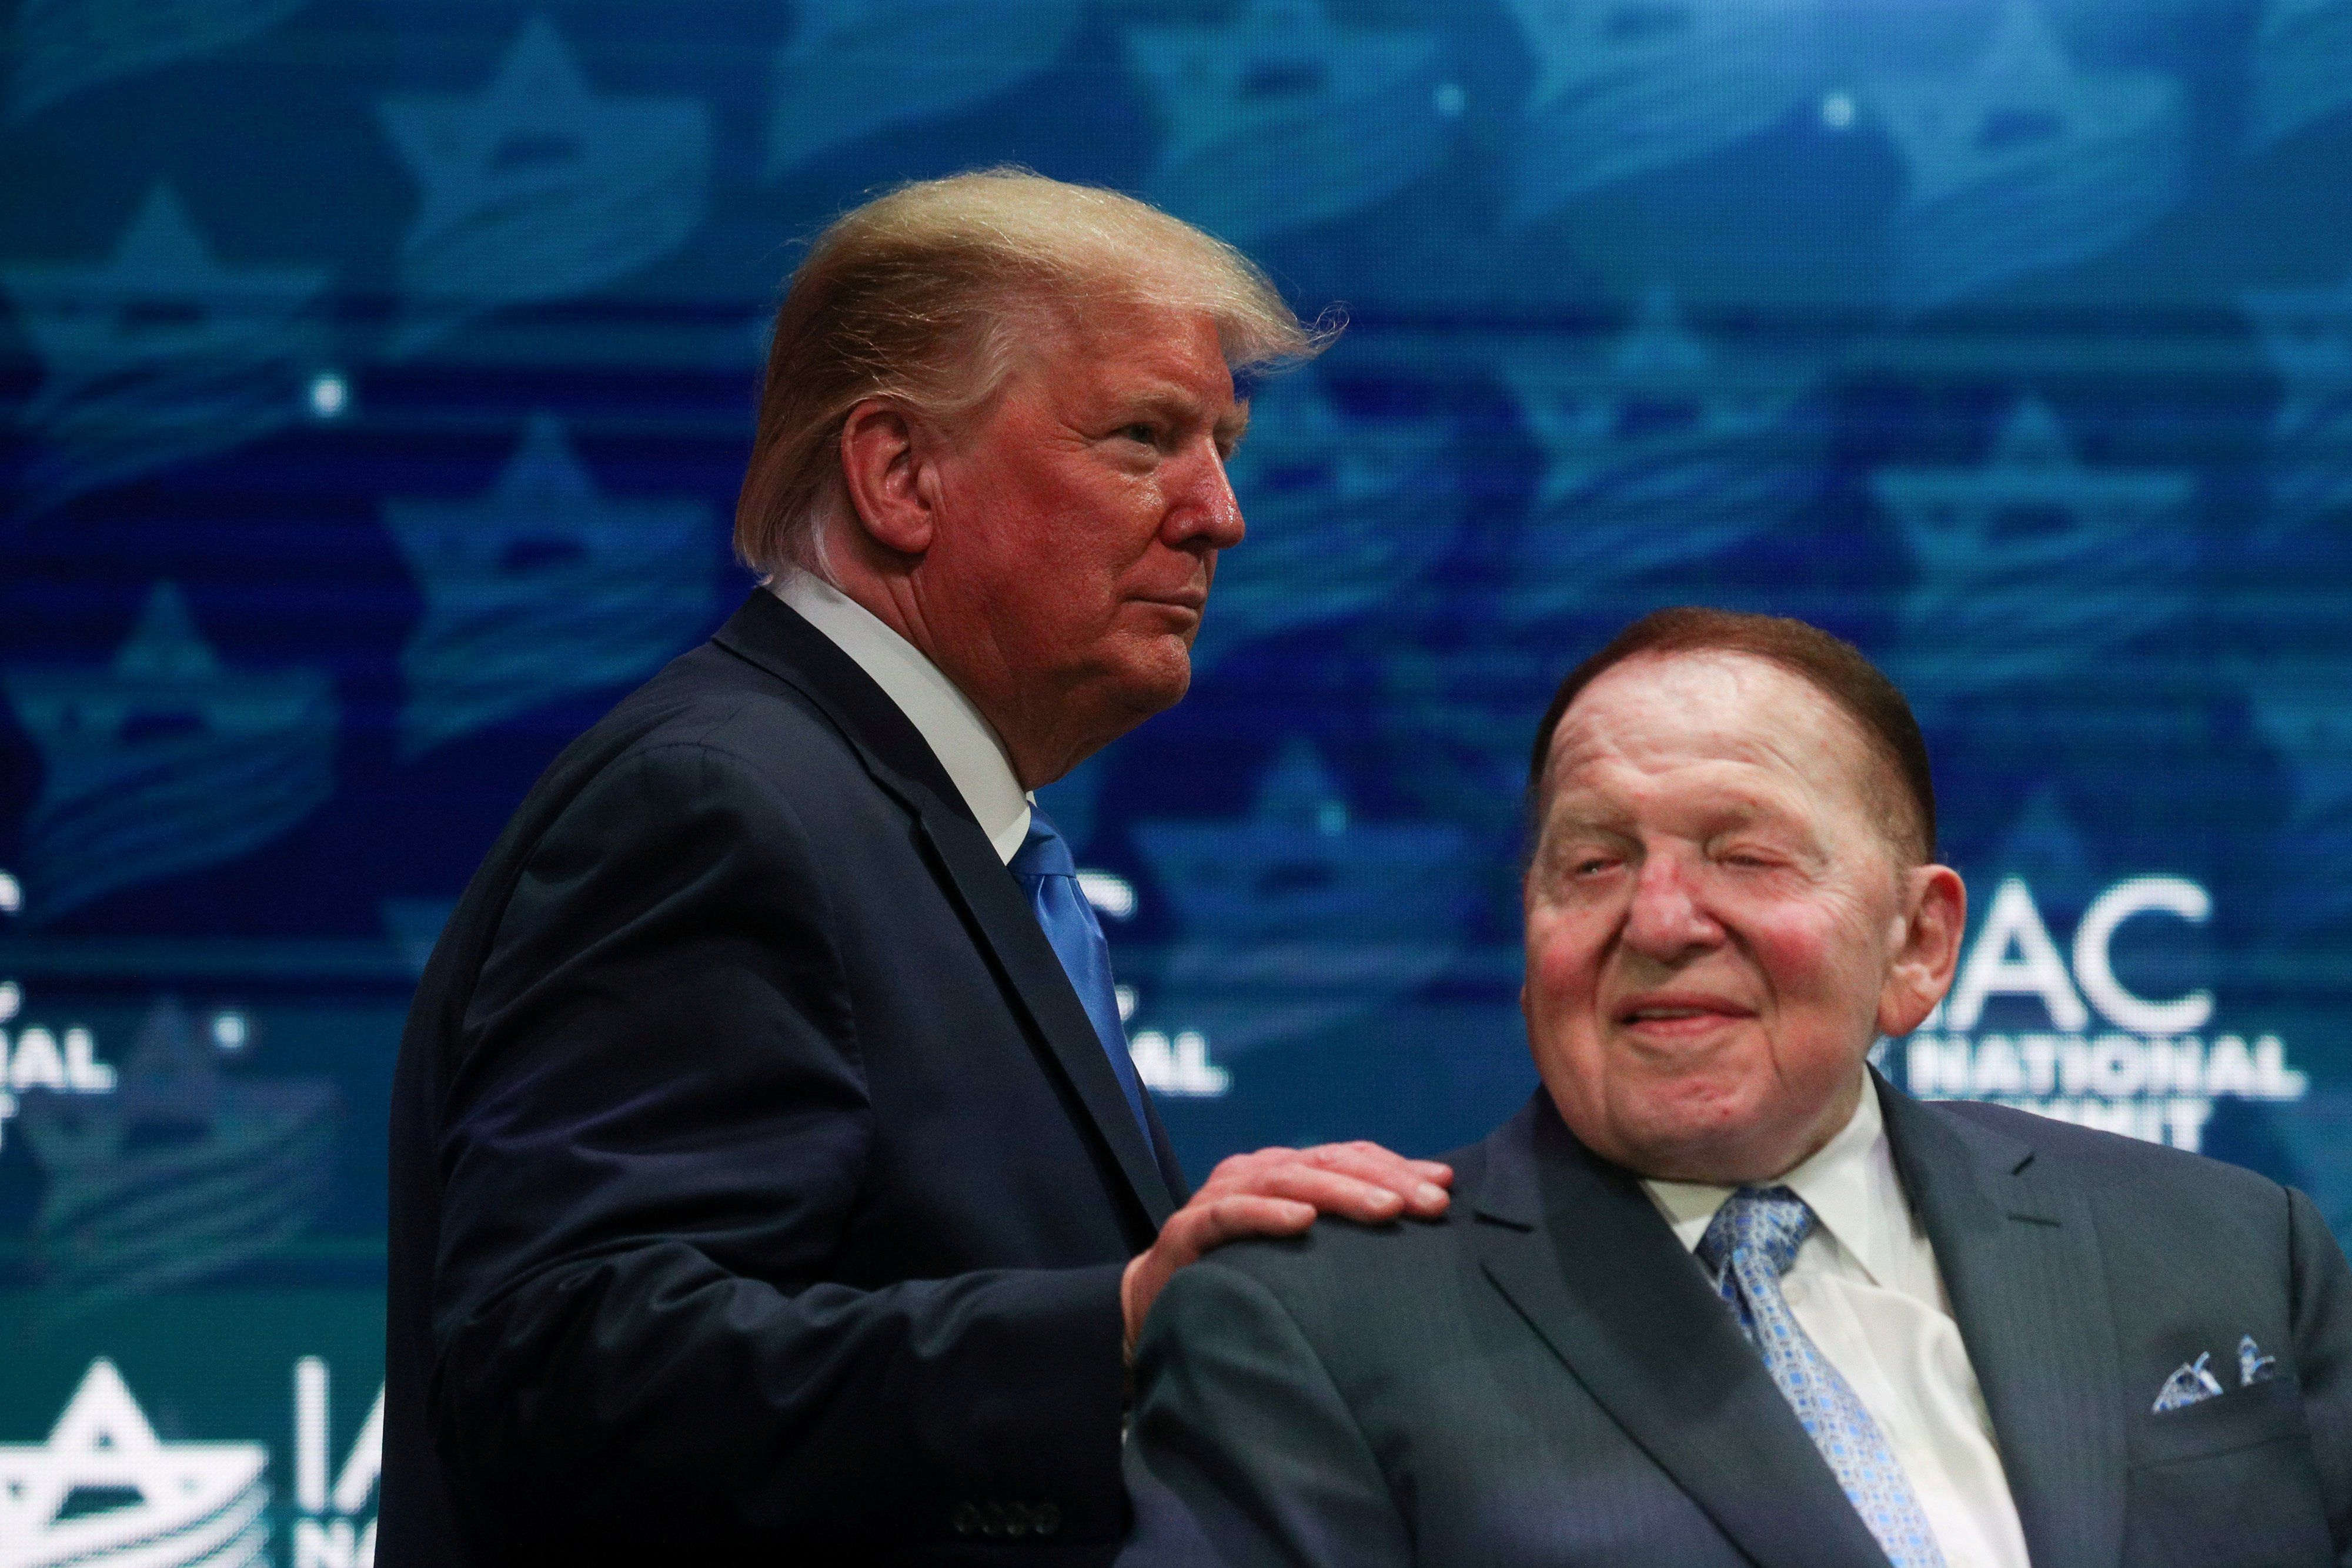 El presidente de Estados Unidos, Donald Trump, saluda a Sheldon Adelson mientras sube al escenario en la Cumbre Nacional del Consejo Estadounidense Israelí en Hollywood, Florida, el 7 de diciembre de 2019. (REUTERS/Loren Elliott).